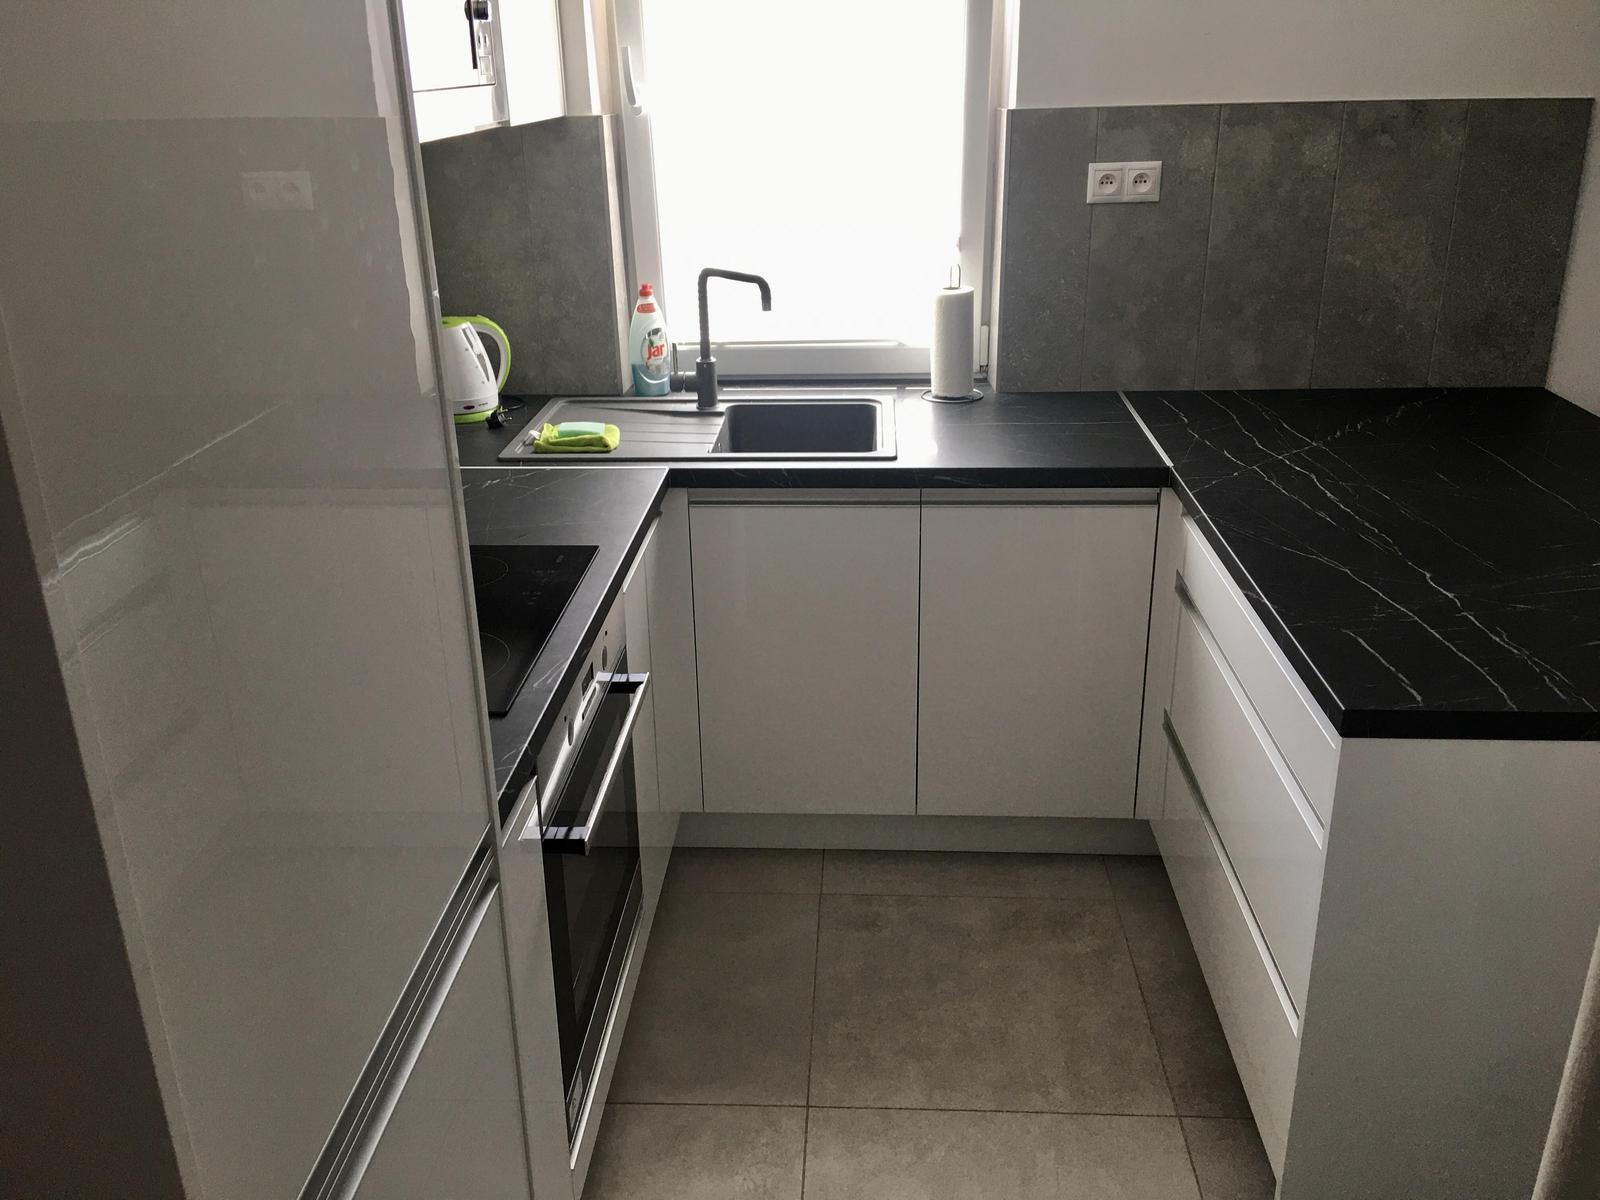 Biela lesklá kuchyňa - Obrázok č. 2